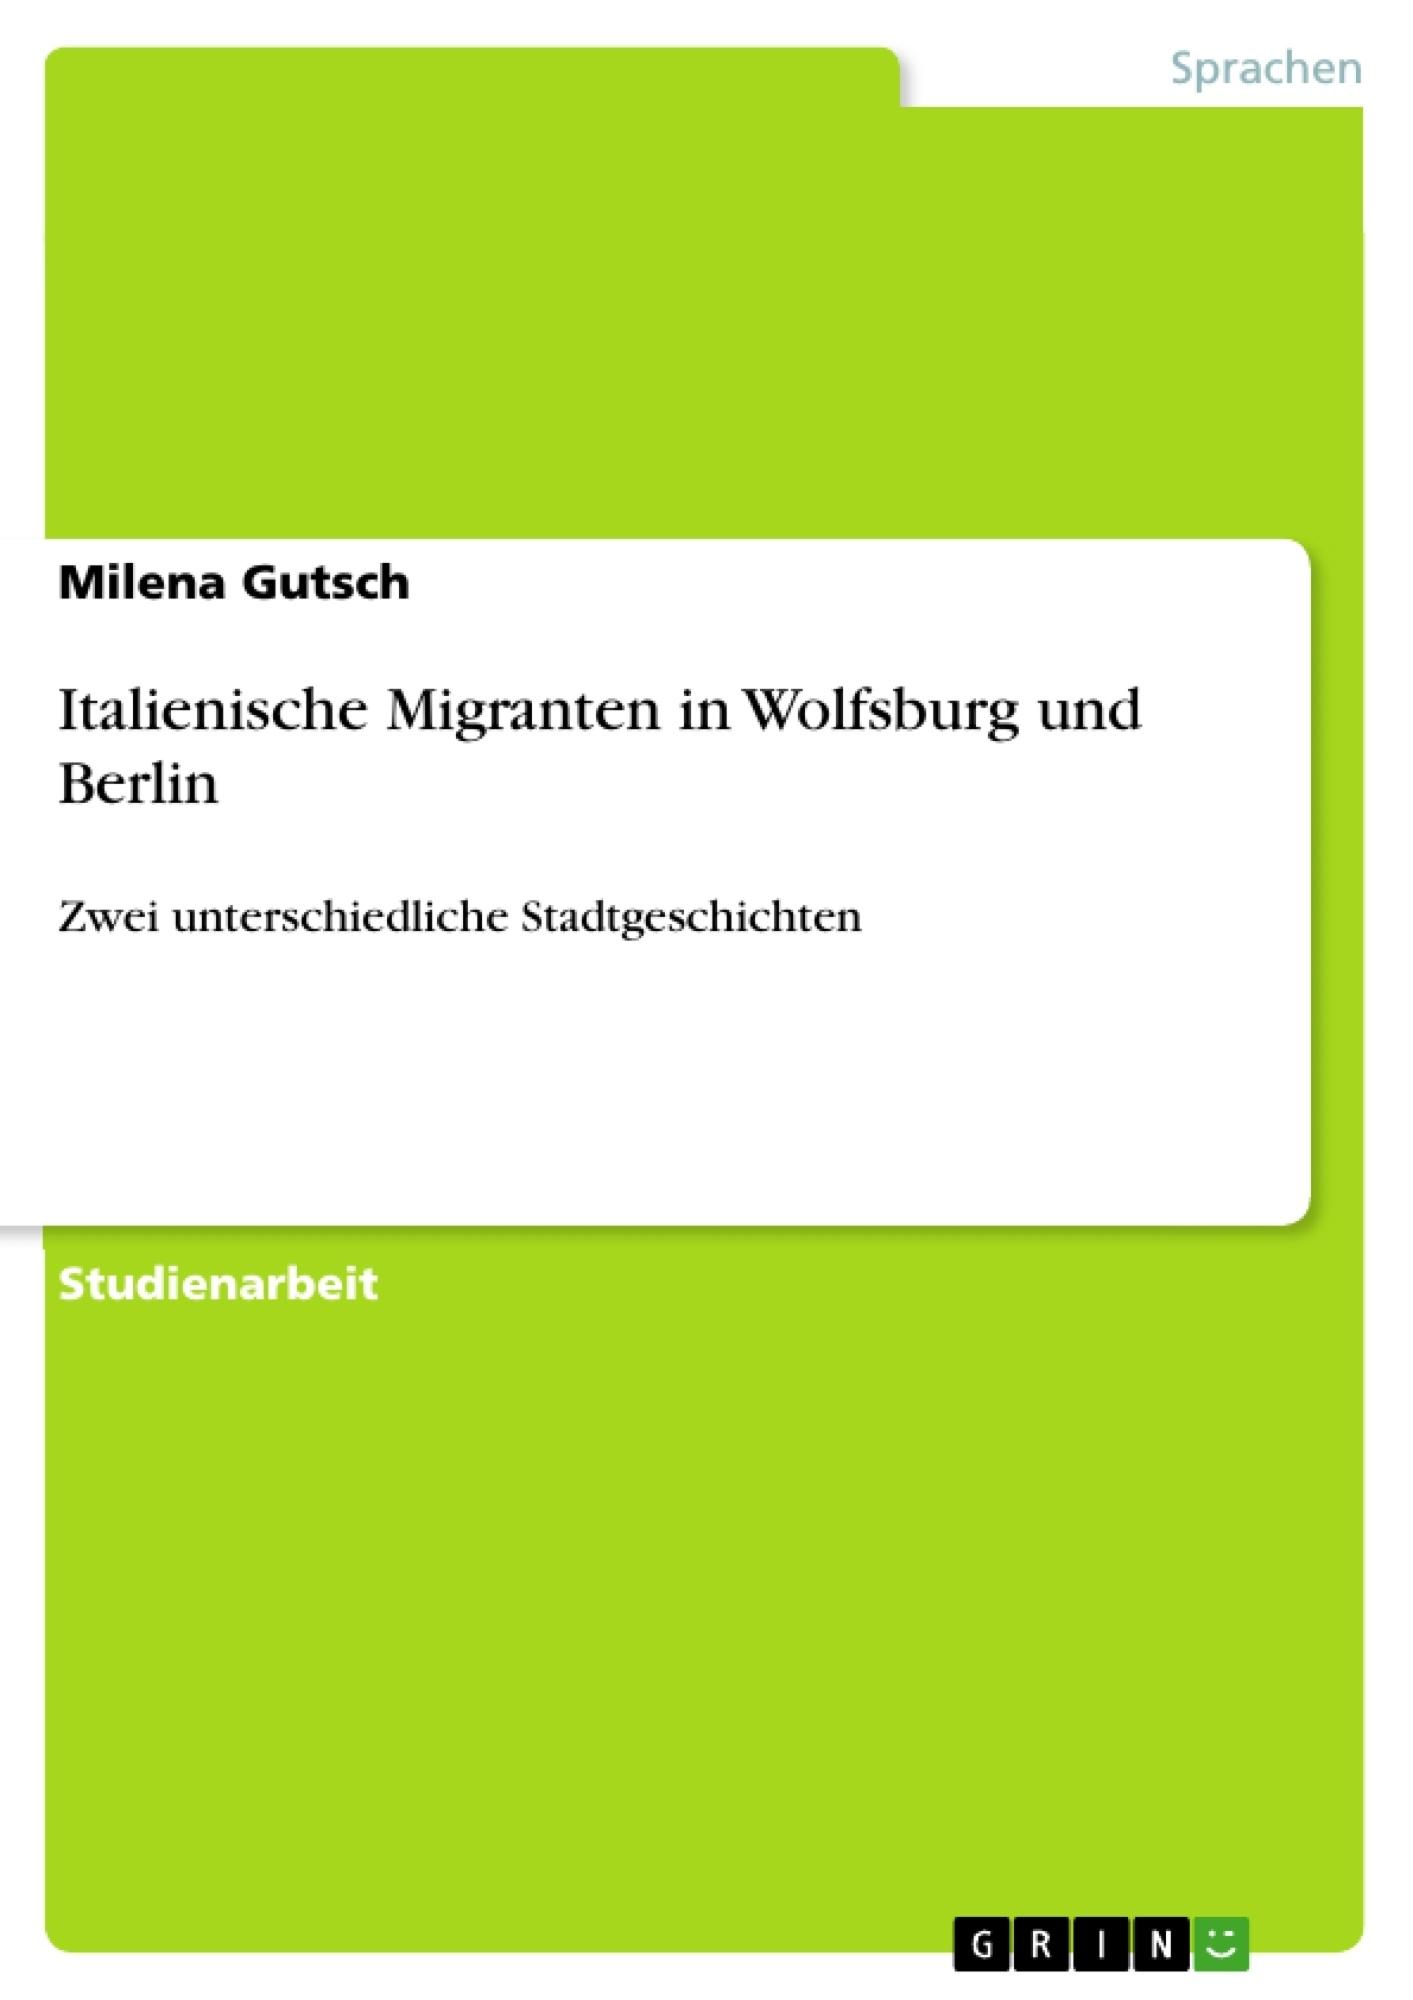 Titel: Italienische Migranten in Wolfsburg und Berlin